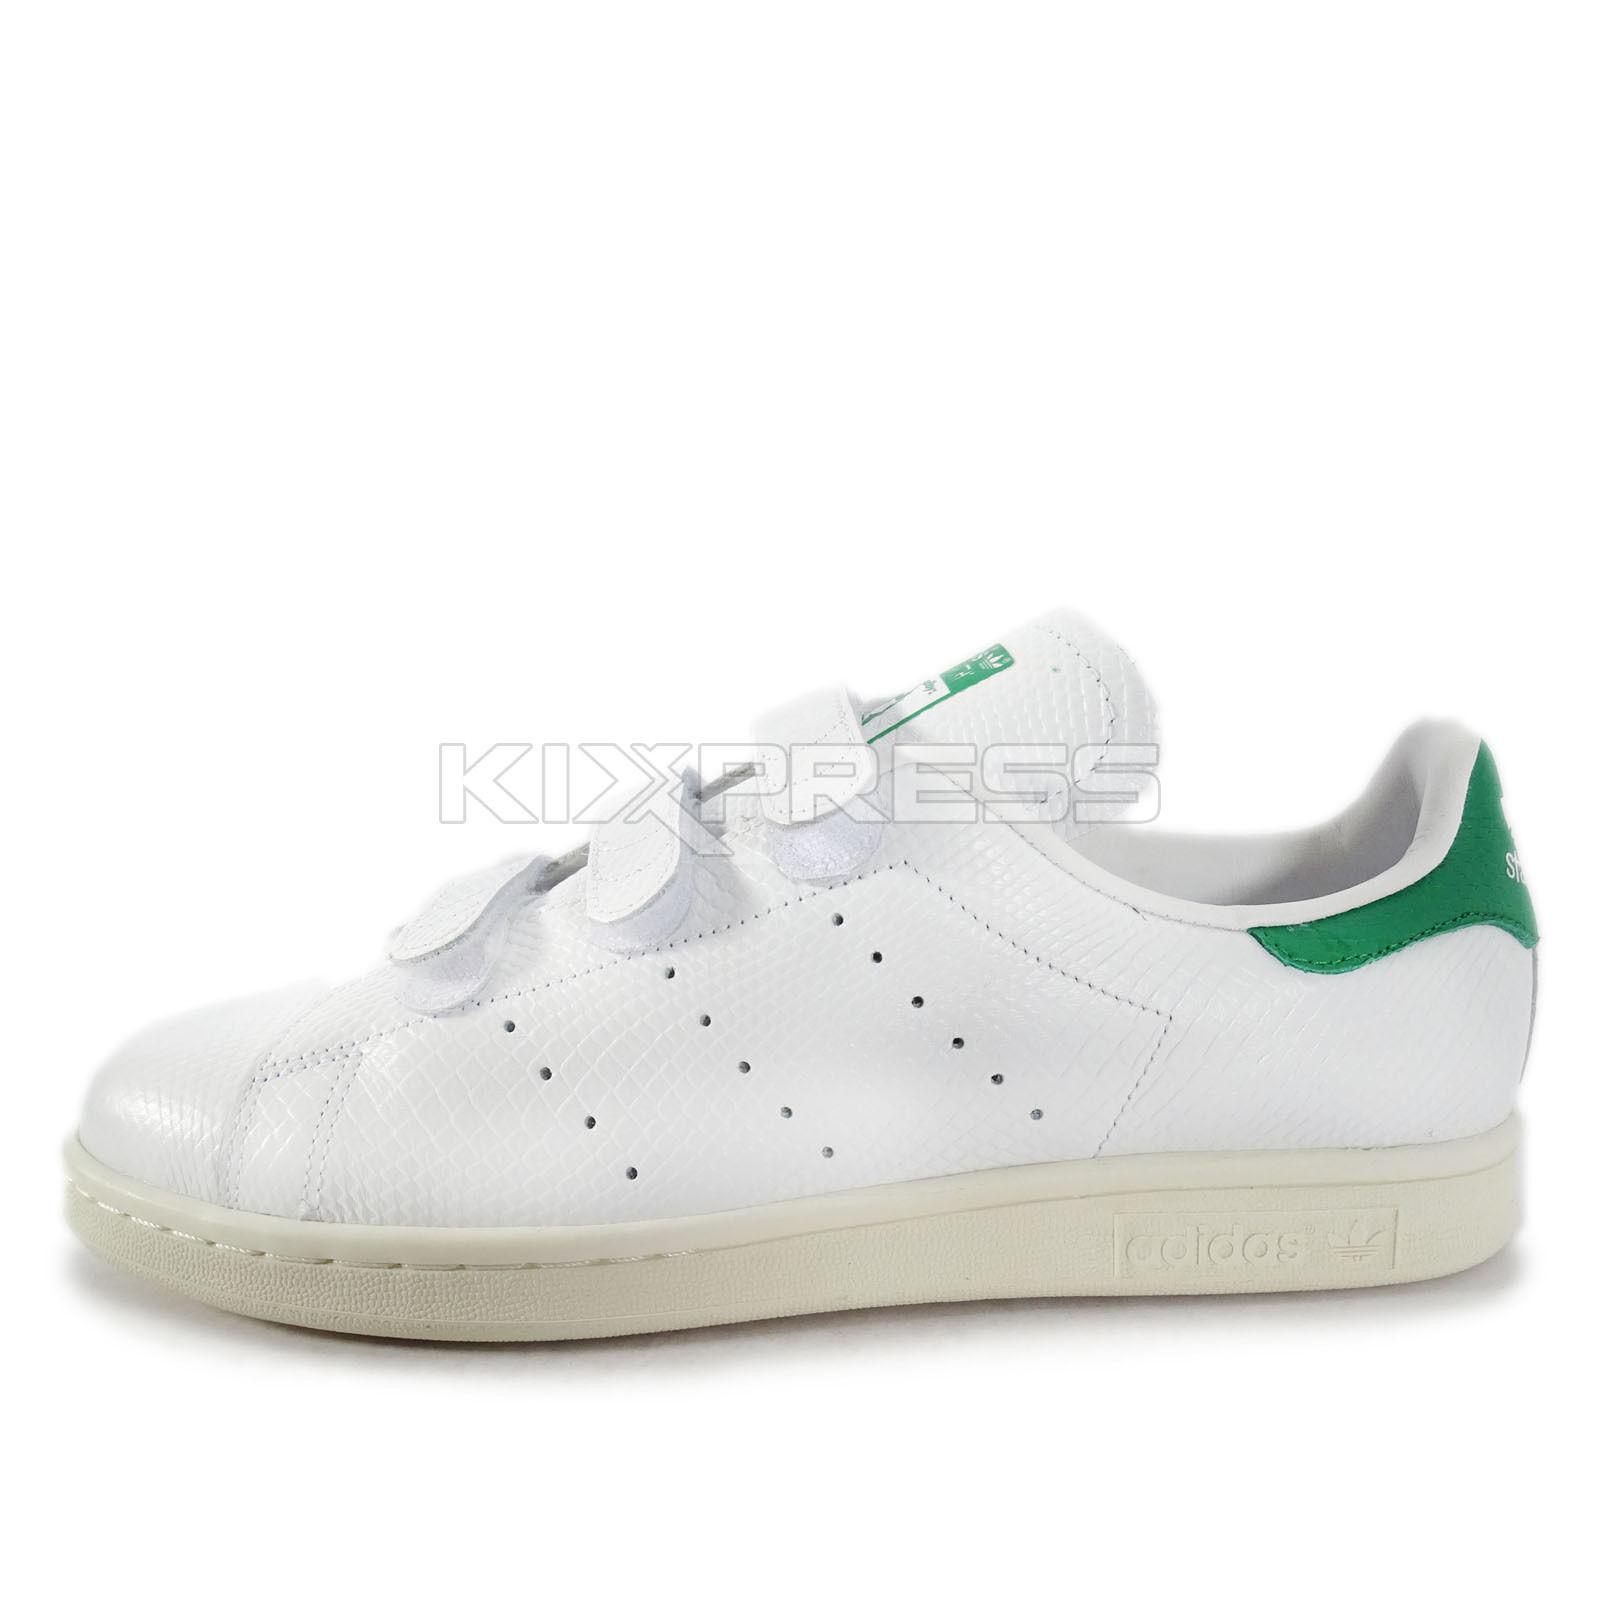 Adidas Originals original Stan Smith CF [b24535] original Originals casual blanco / verde 906a8d